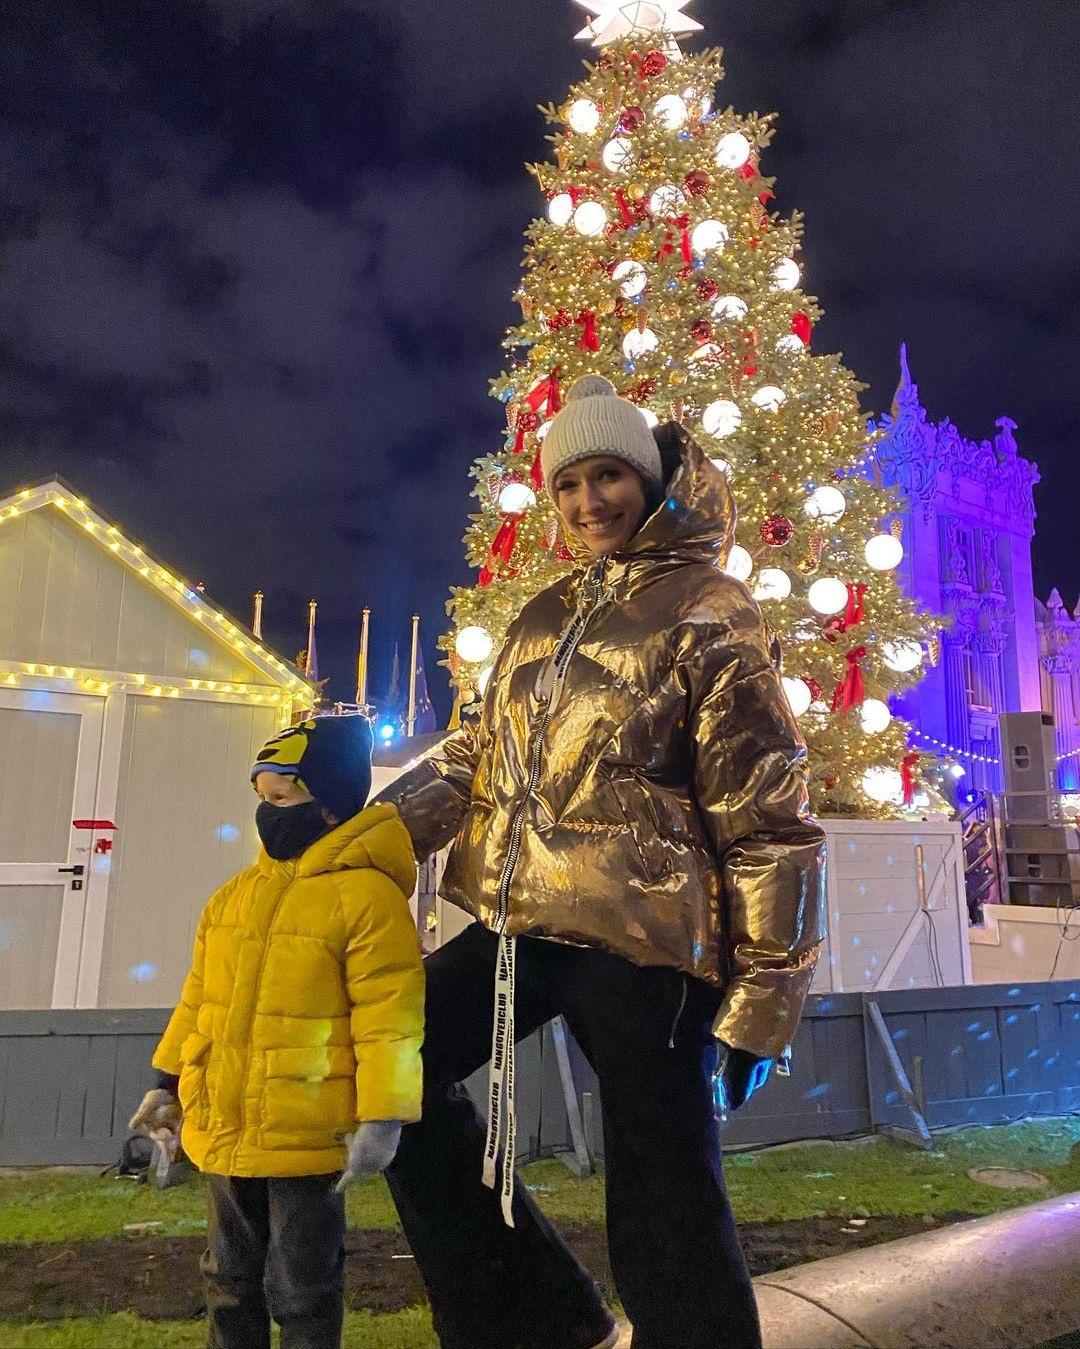 Катя Осадчая Рождество Новый год 2021 сын